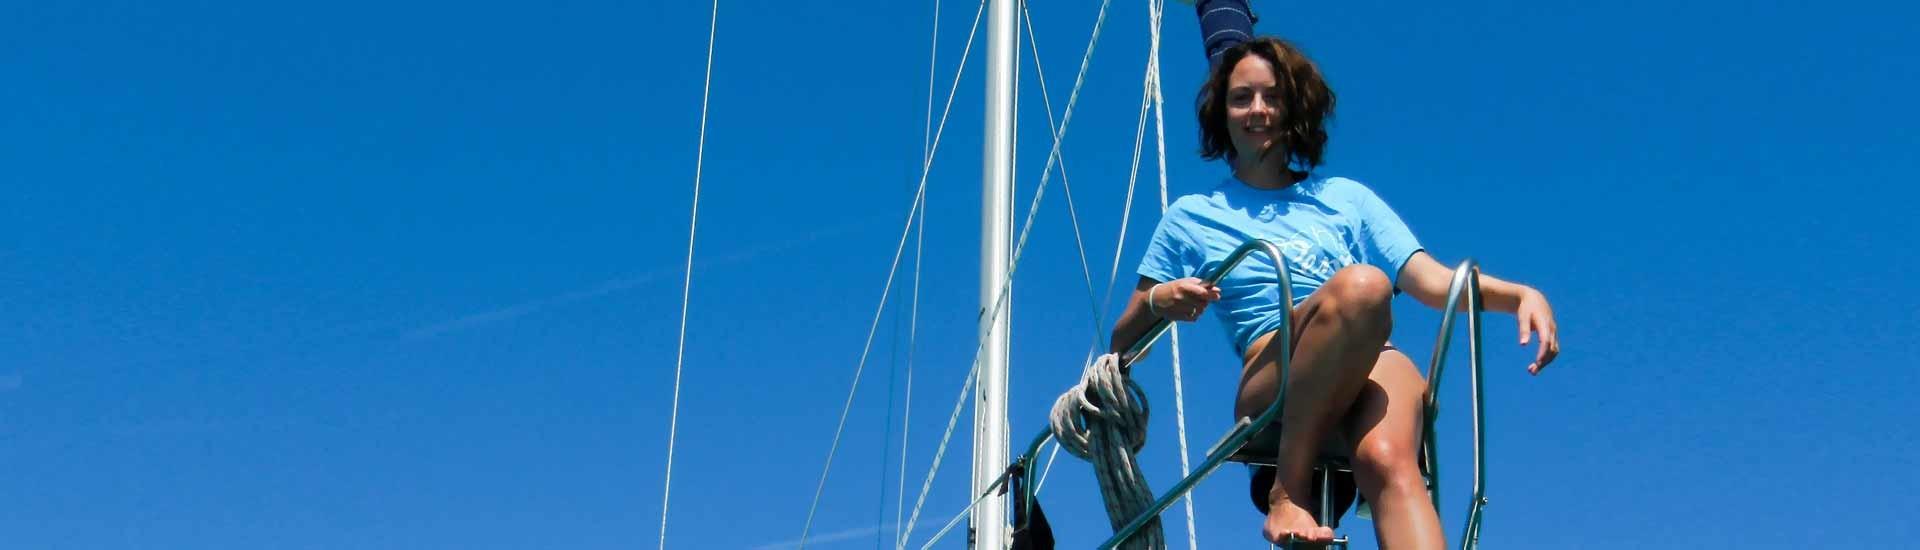 Ragazza sul prua di barca a vela